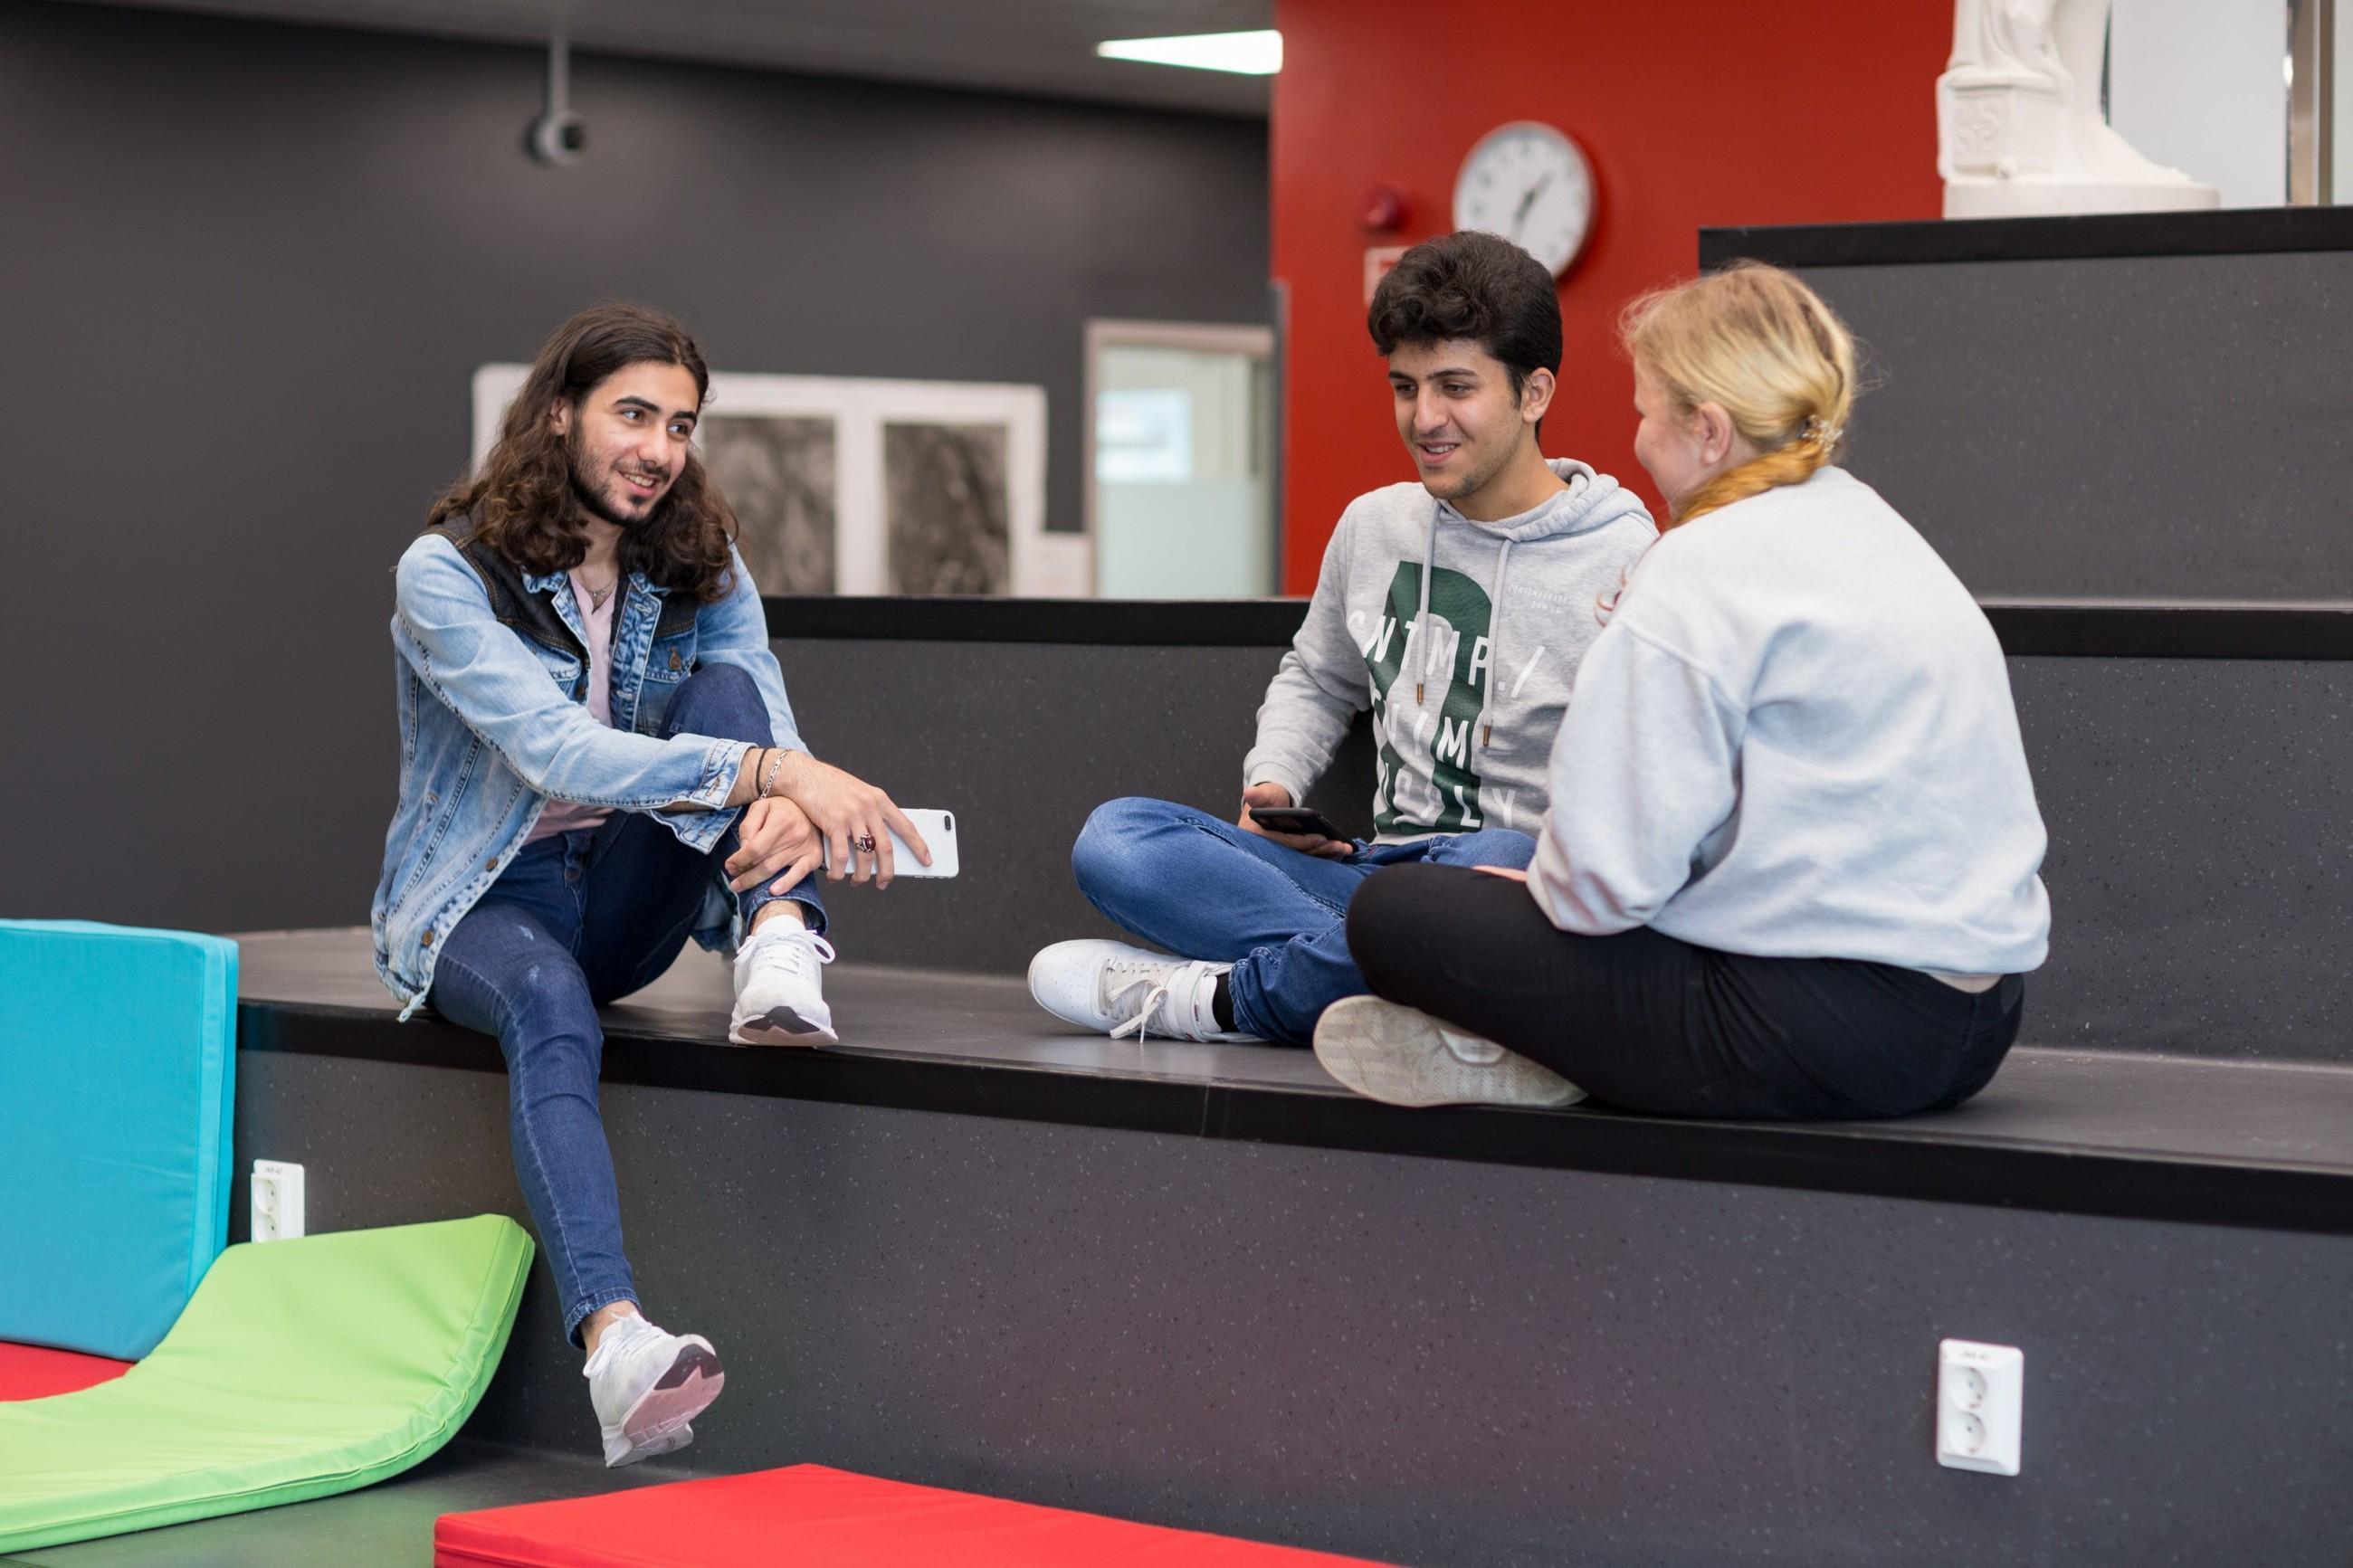 Kolme opiskelijaa istuu portailla sisätiloissa.